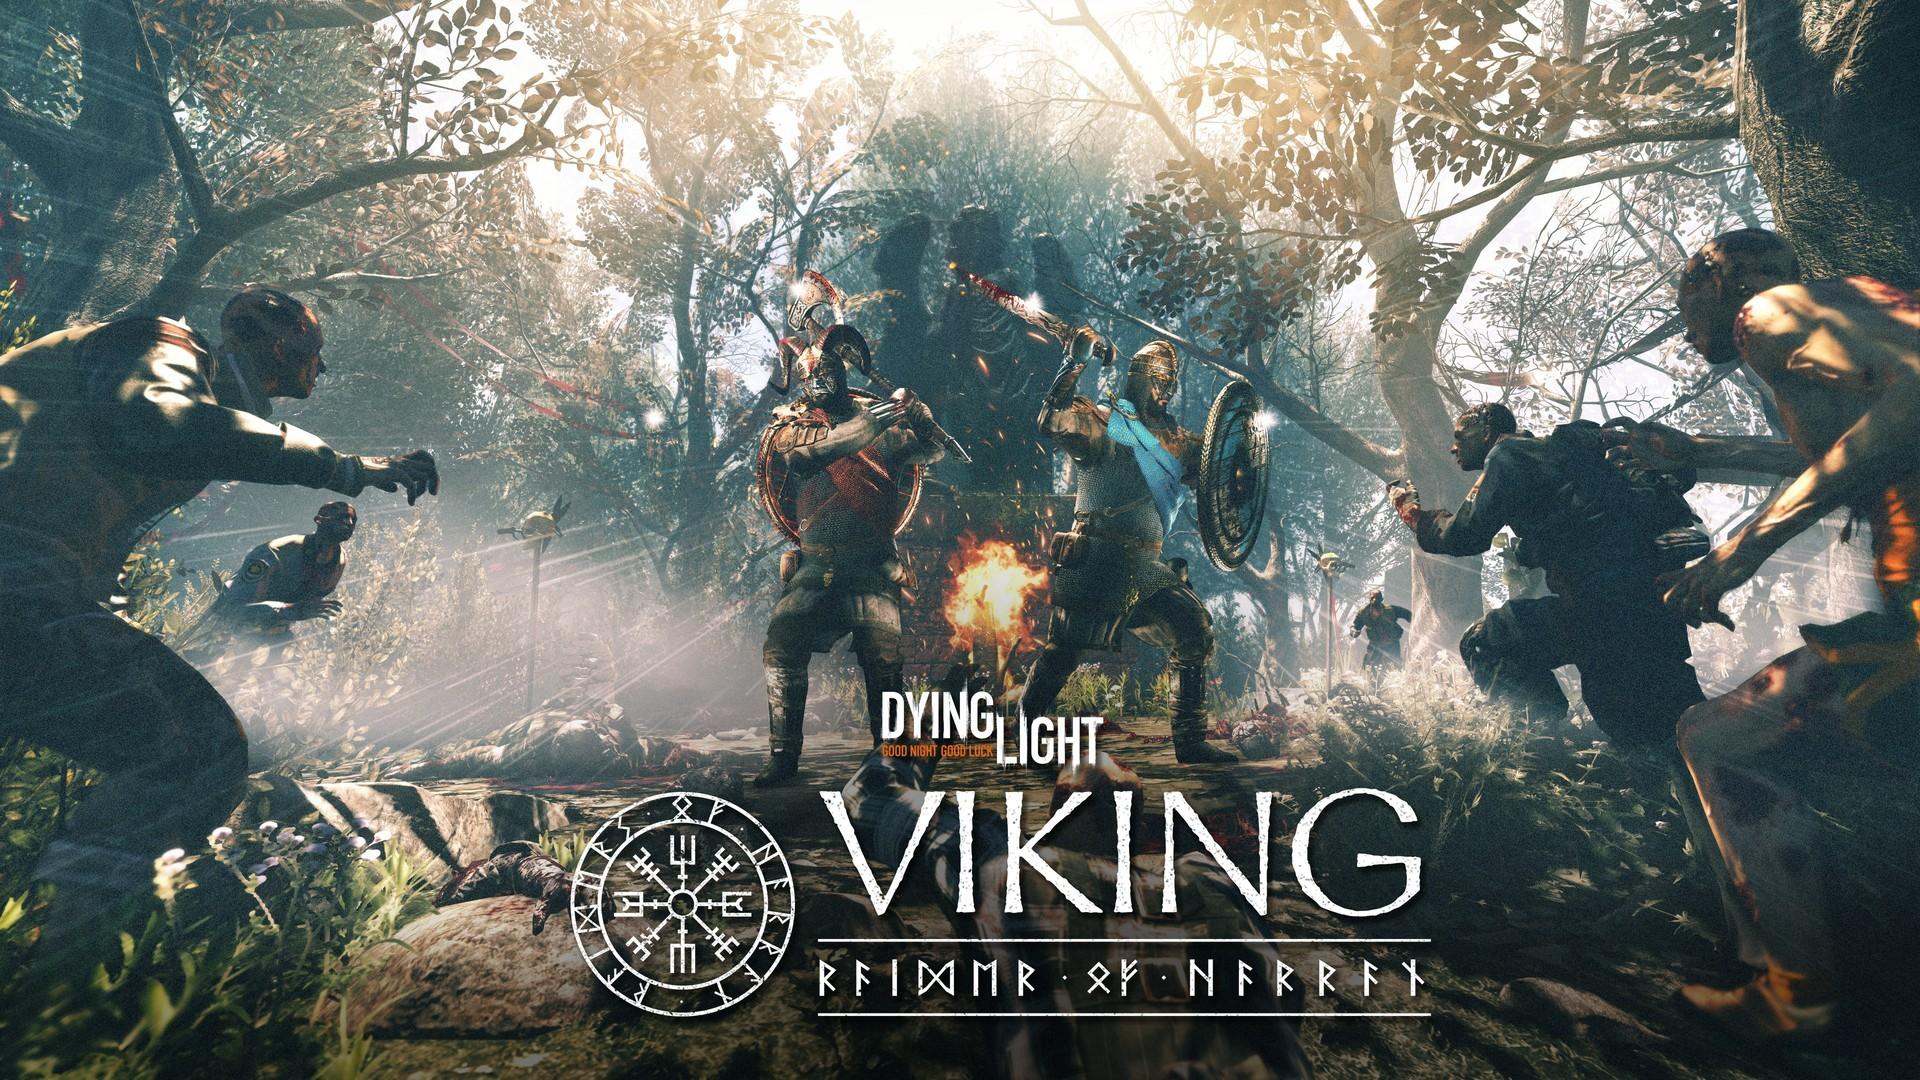 Dying Light z nowym DLC. Do walki z zombie dołączają dzielni wikingowie